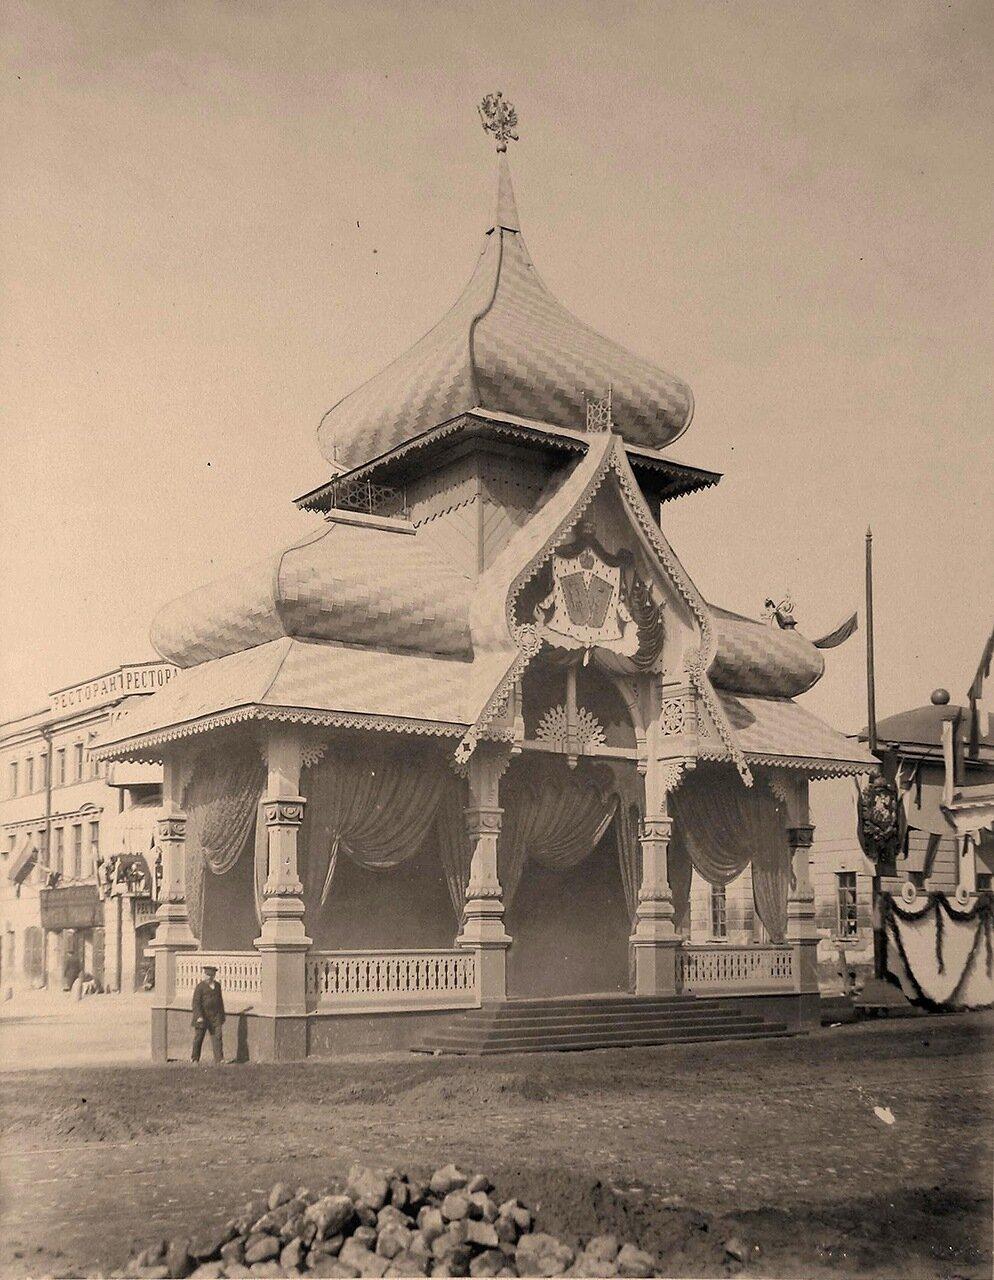 Вид павильона, выстроеного к торжествам коронации на Тверской-Ямской улице ( около Триумфальных ворот) для встречи императора московским генерал-губернатором